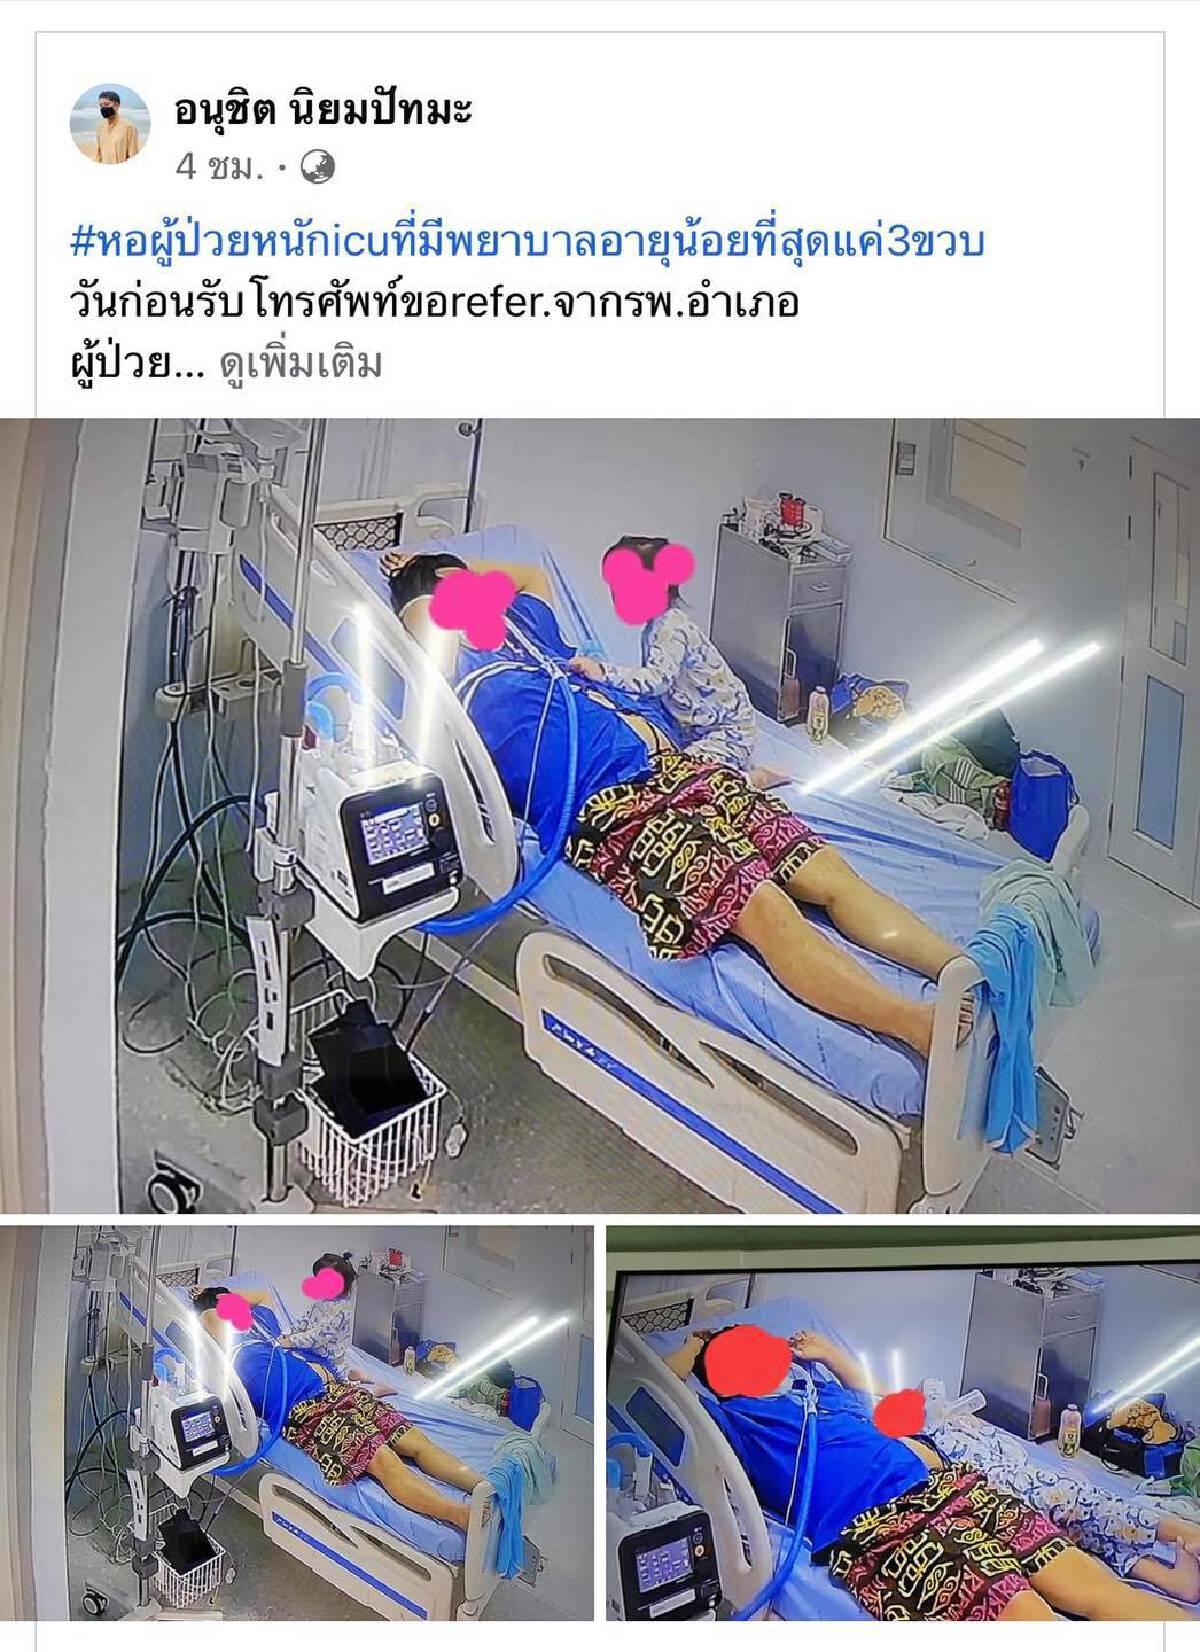 สะเทือนใจ ลูก 3 ขวบ เช็ดน้ำตาให้พ่อป่วยโควิดอาการโคม่า ในห้อง ICU